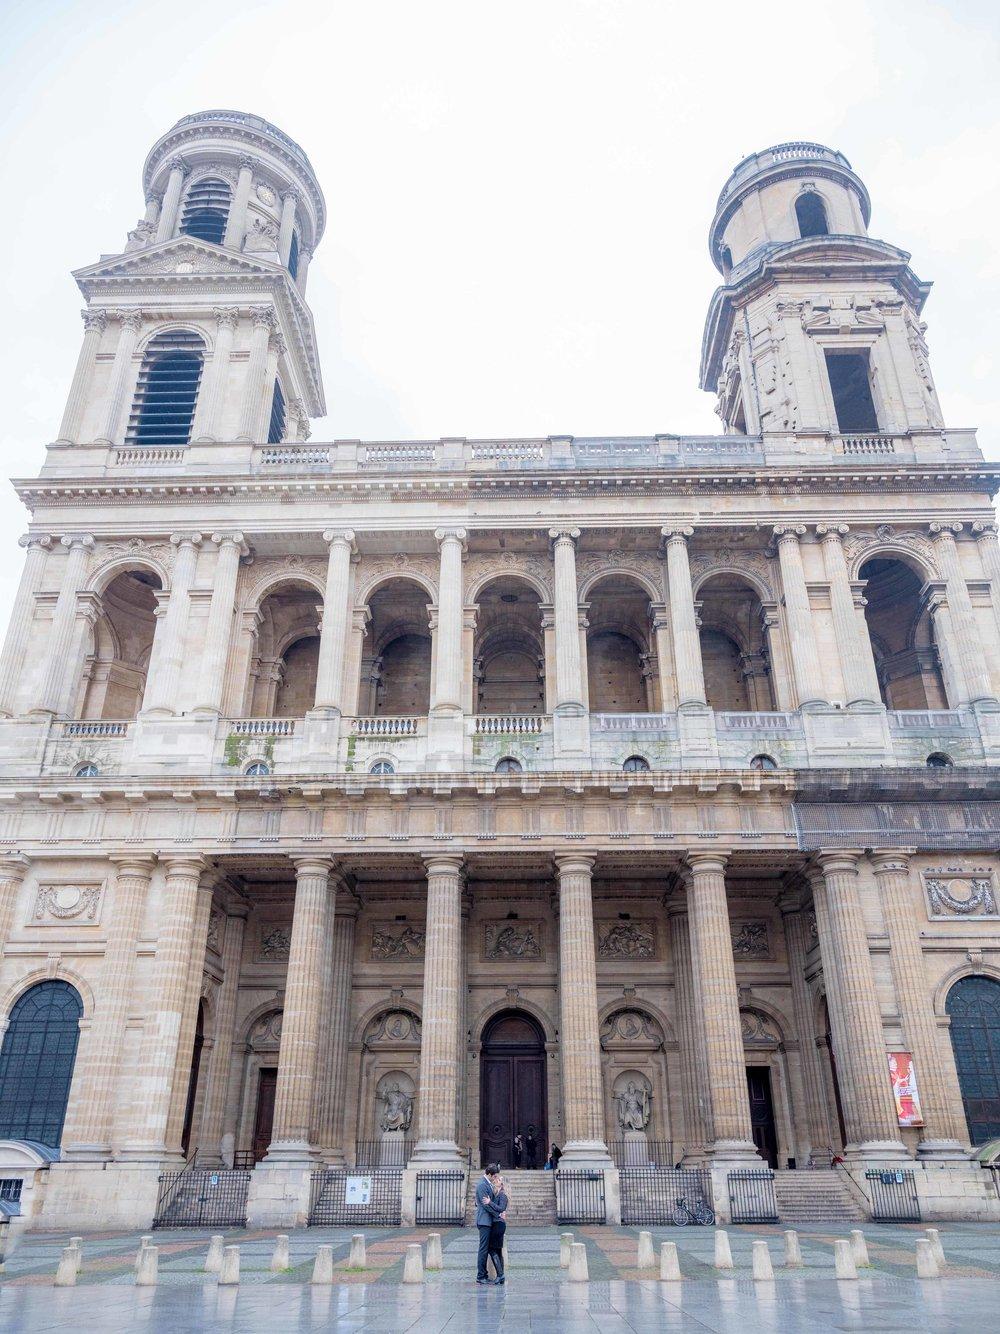 st sulpice church paris france surprise proposal couples session